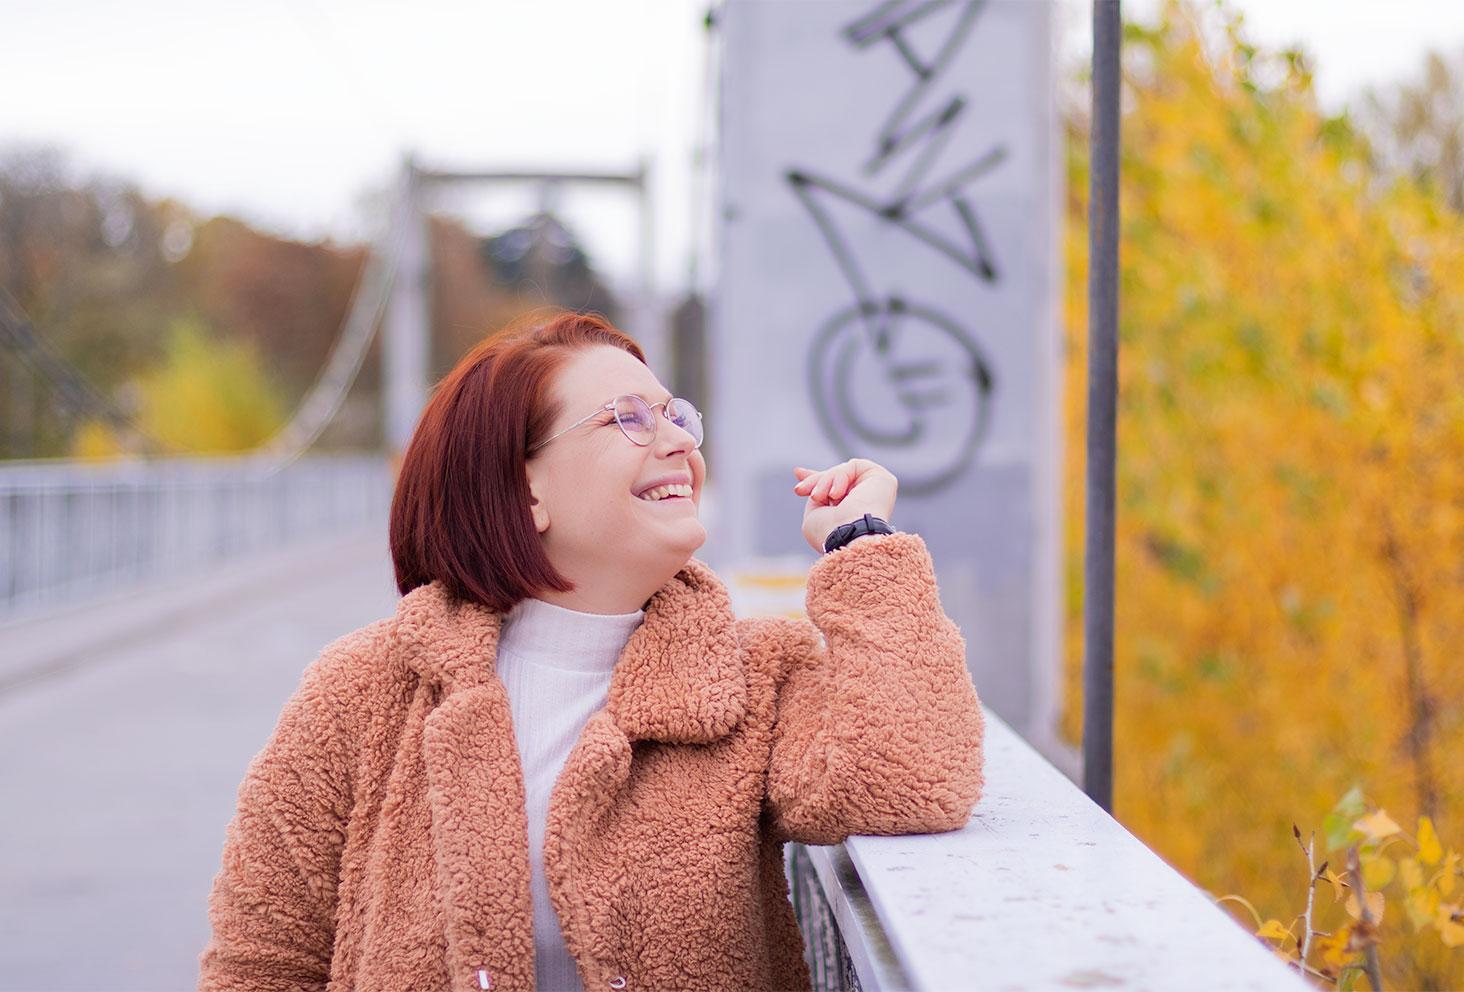 Zoom sur le col du manteau rose SheIn porté, accoudée avec le sourire à la rambarde d'un pont